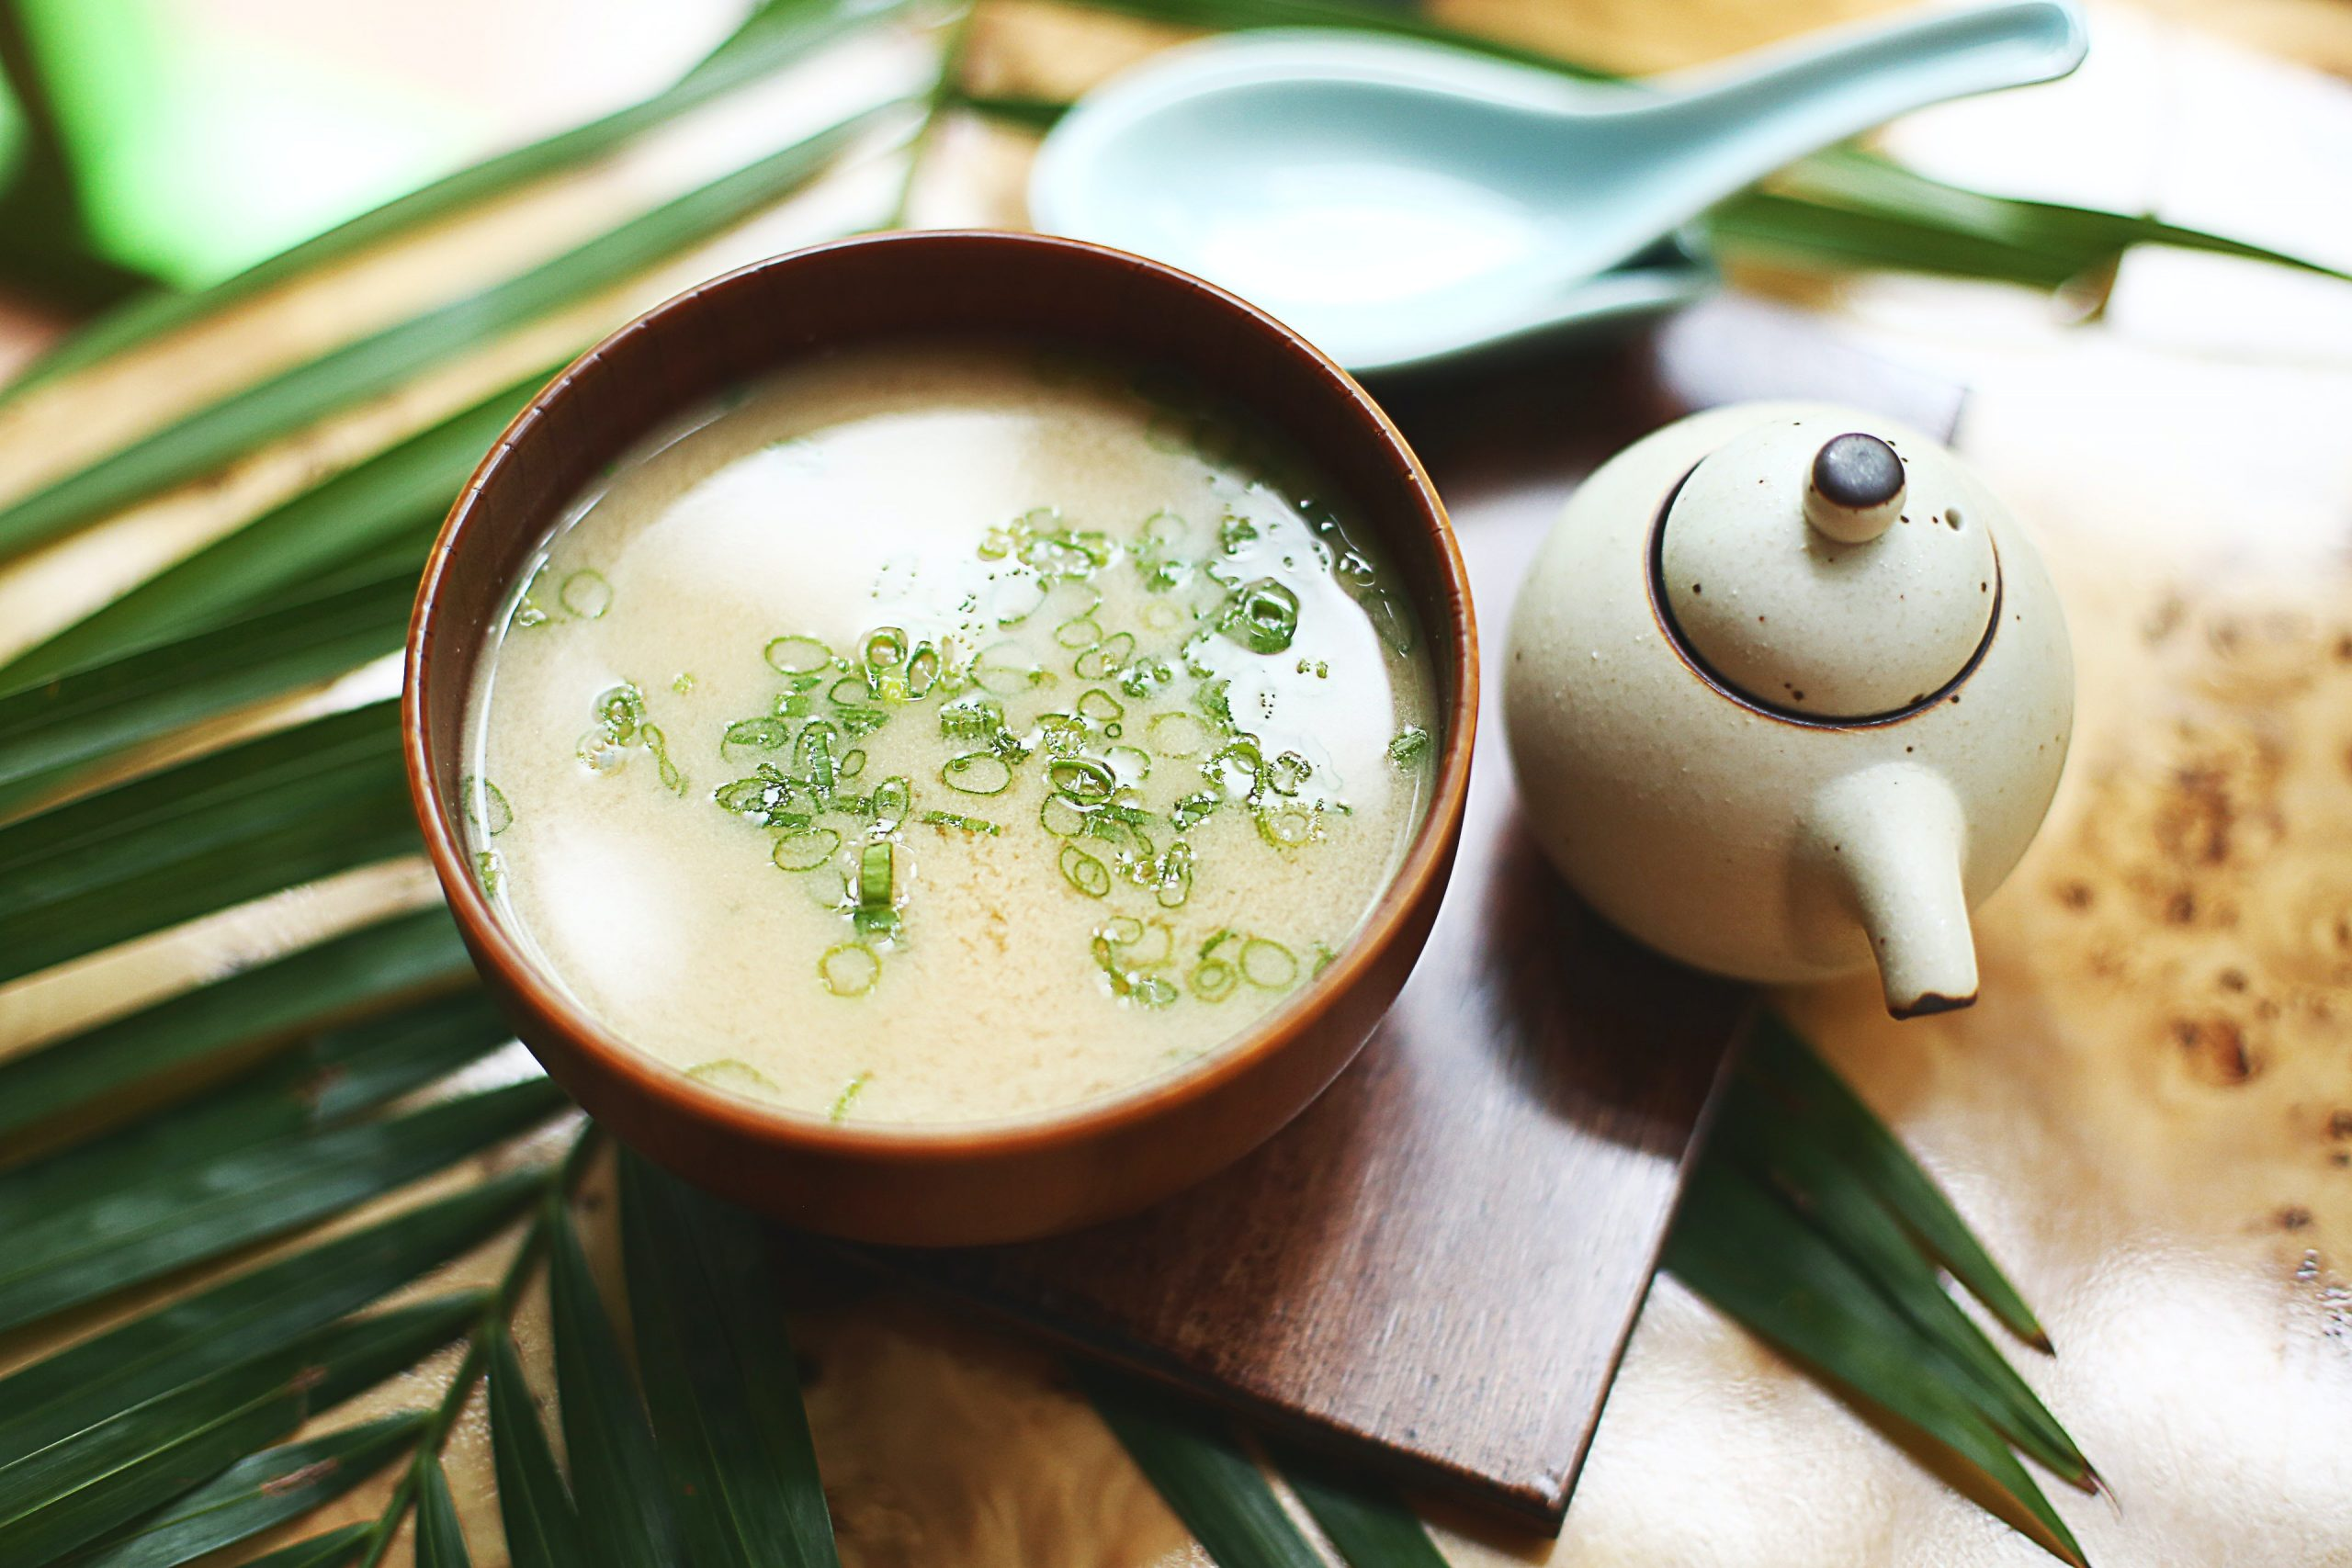 Ein Bild einer japanischen Suppe.